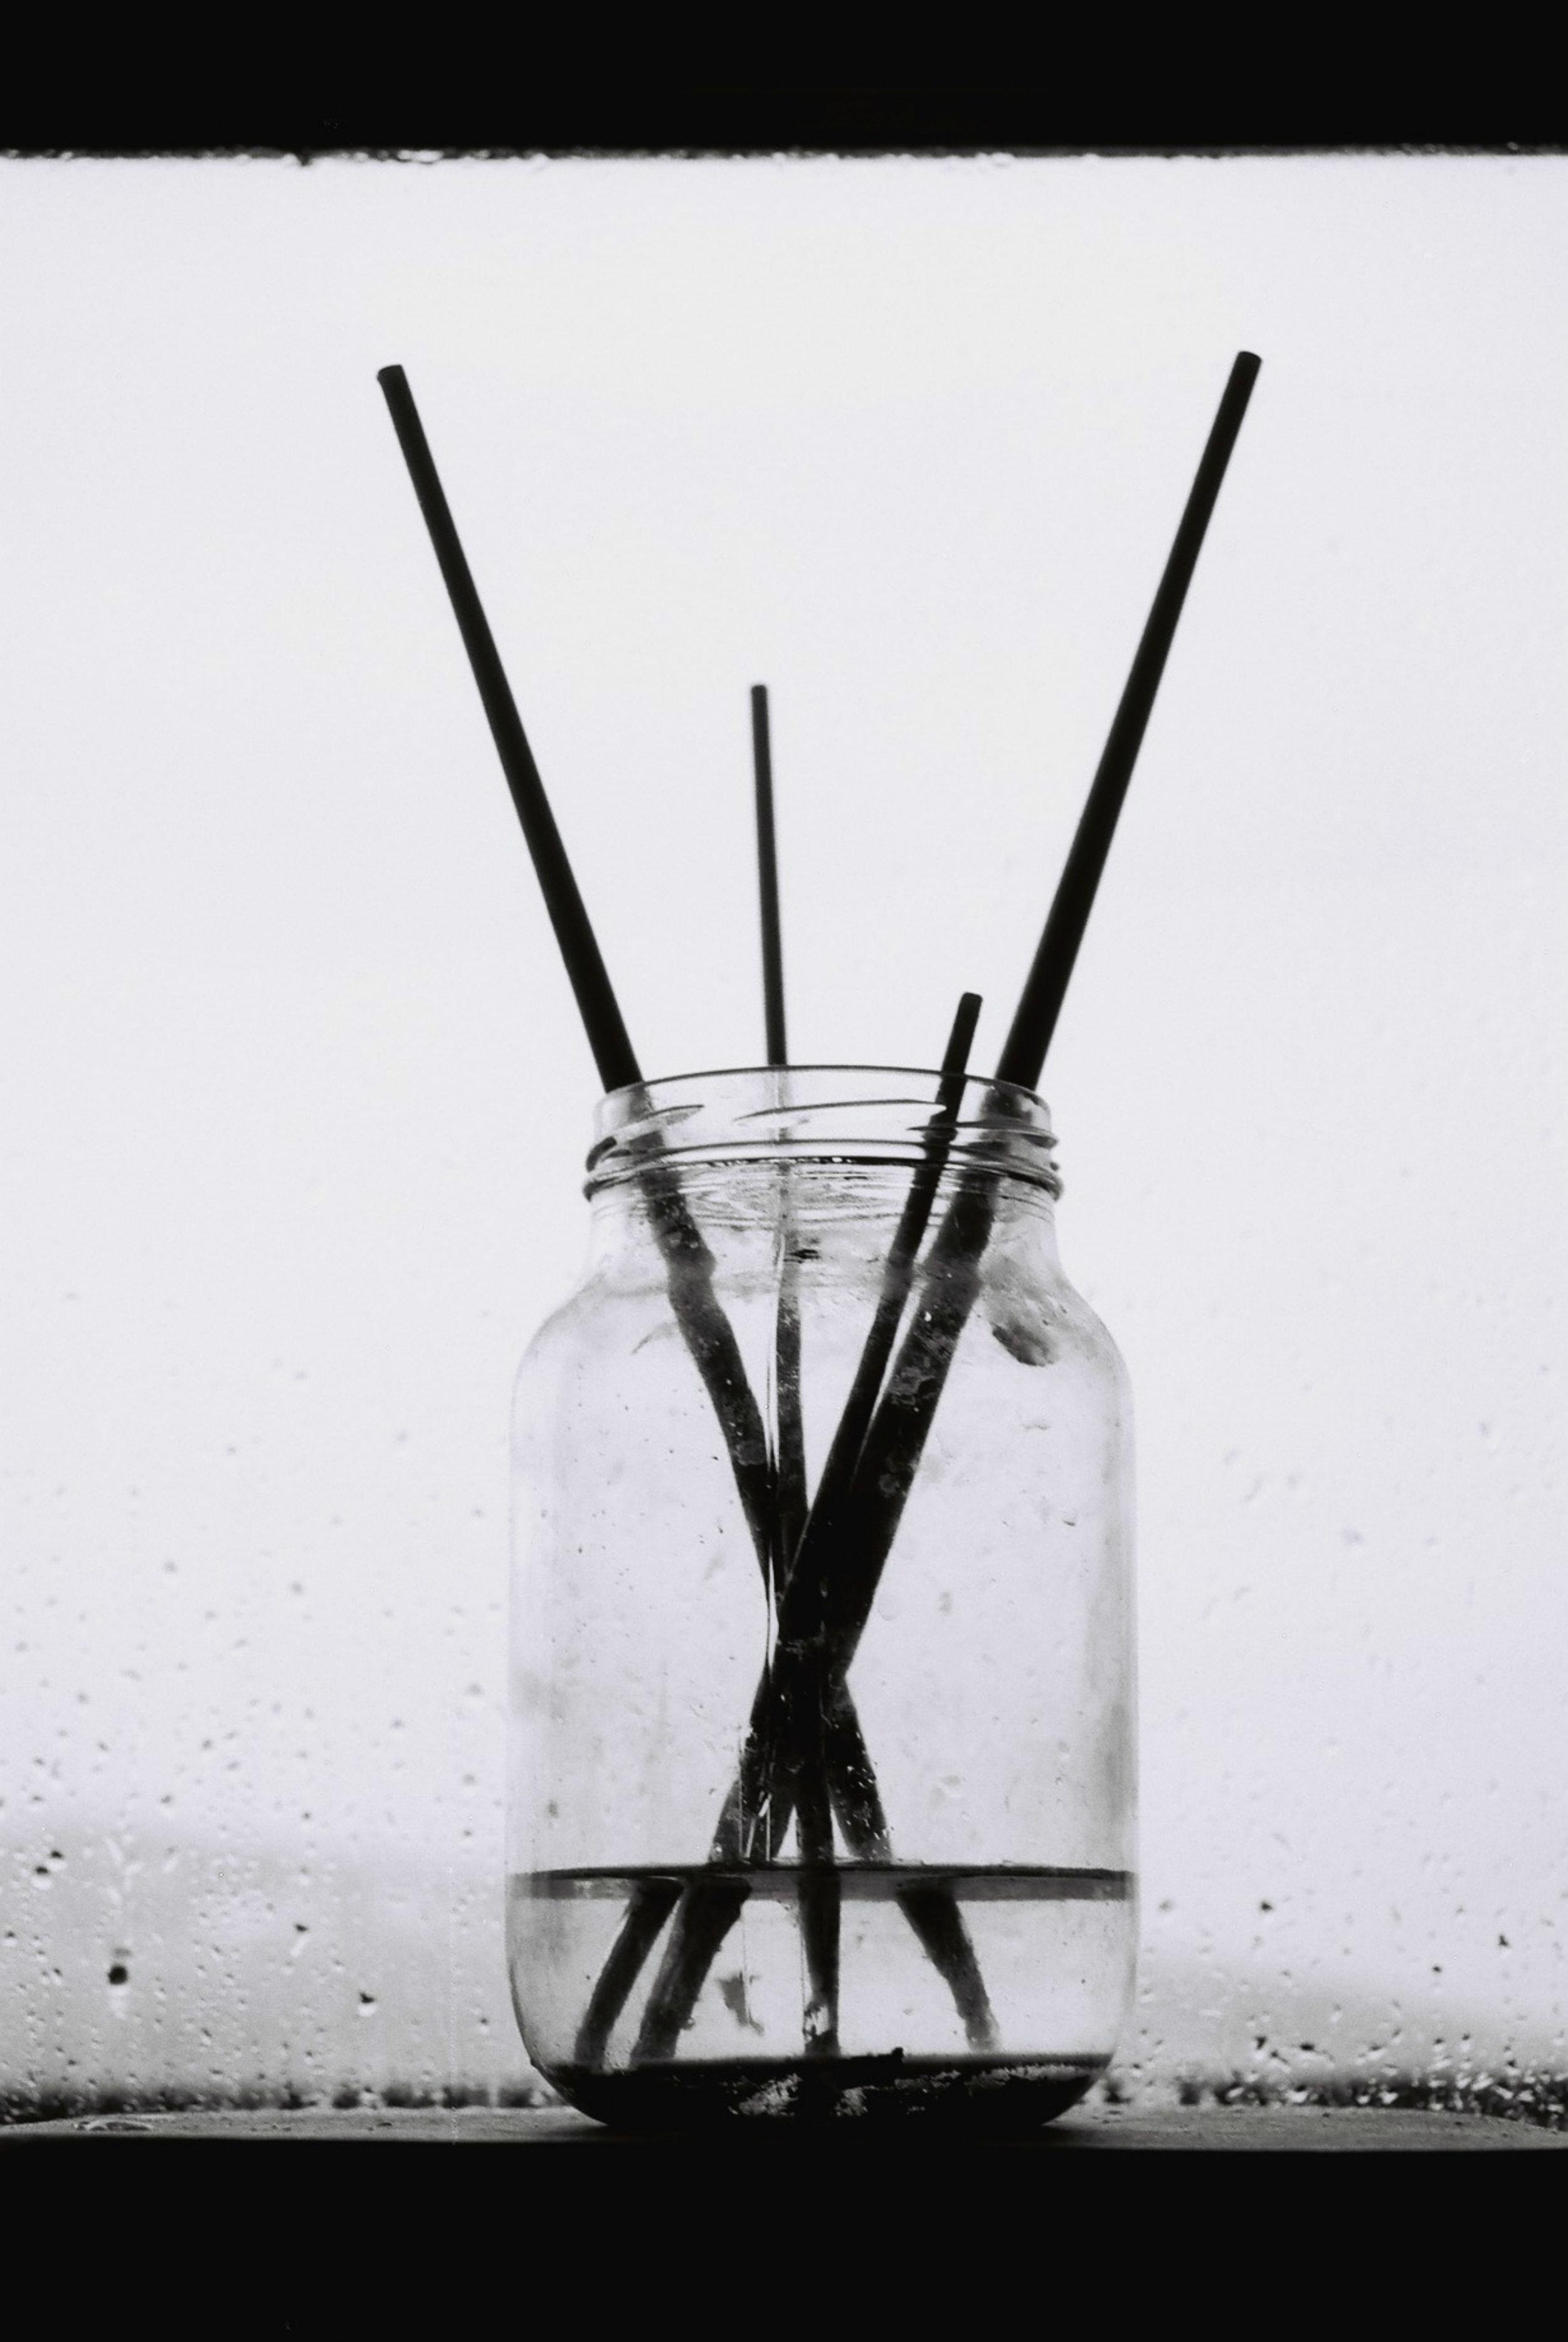 Brushes | Nikon F90 | Kodak T-Max 100 | Zurab Chachanidze